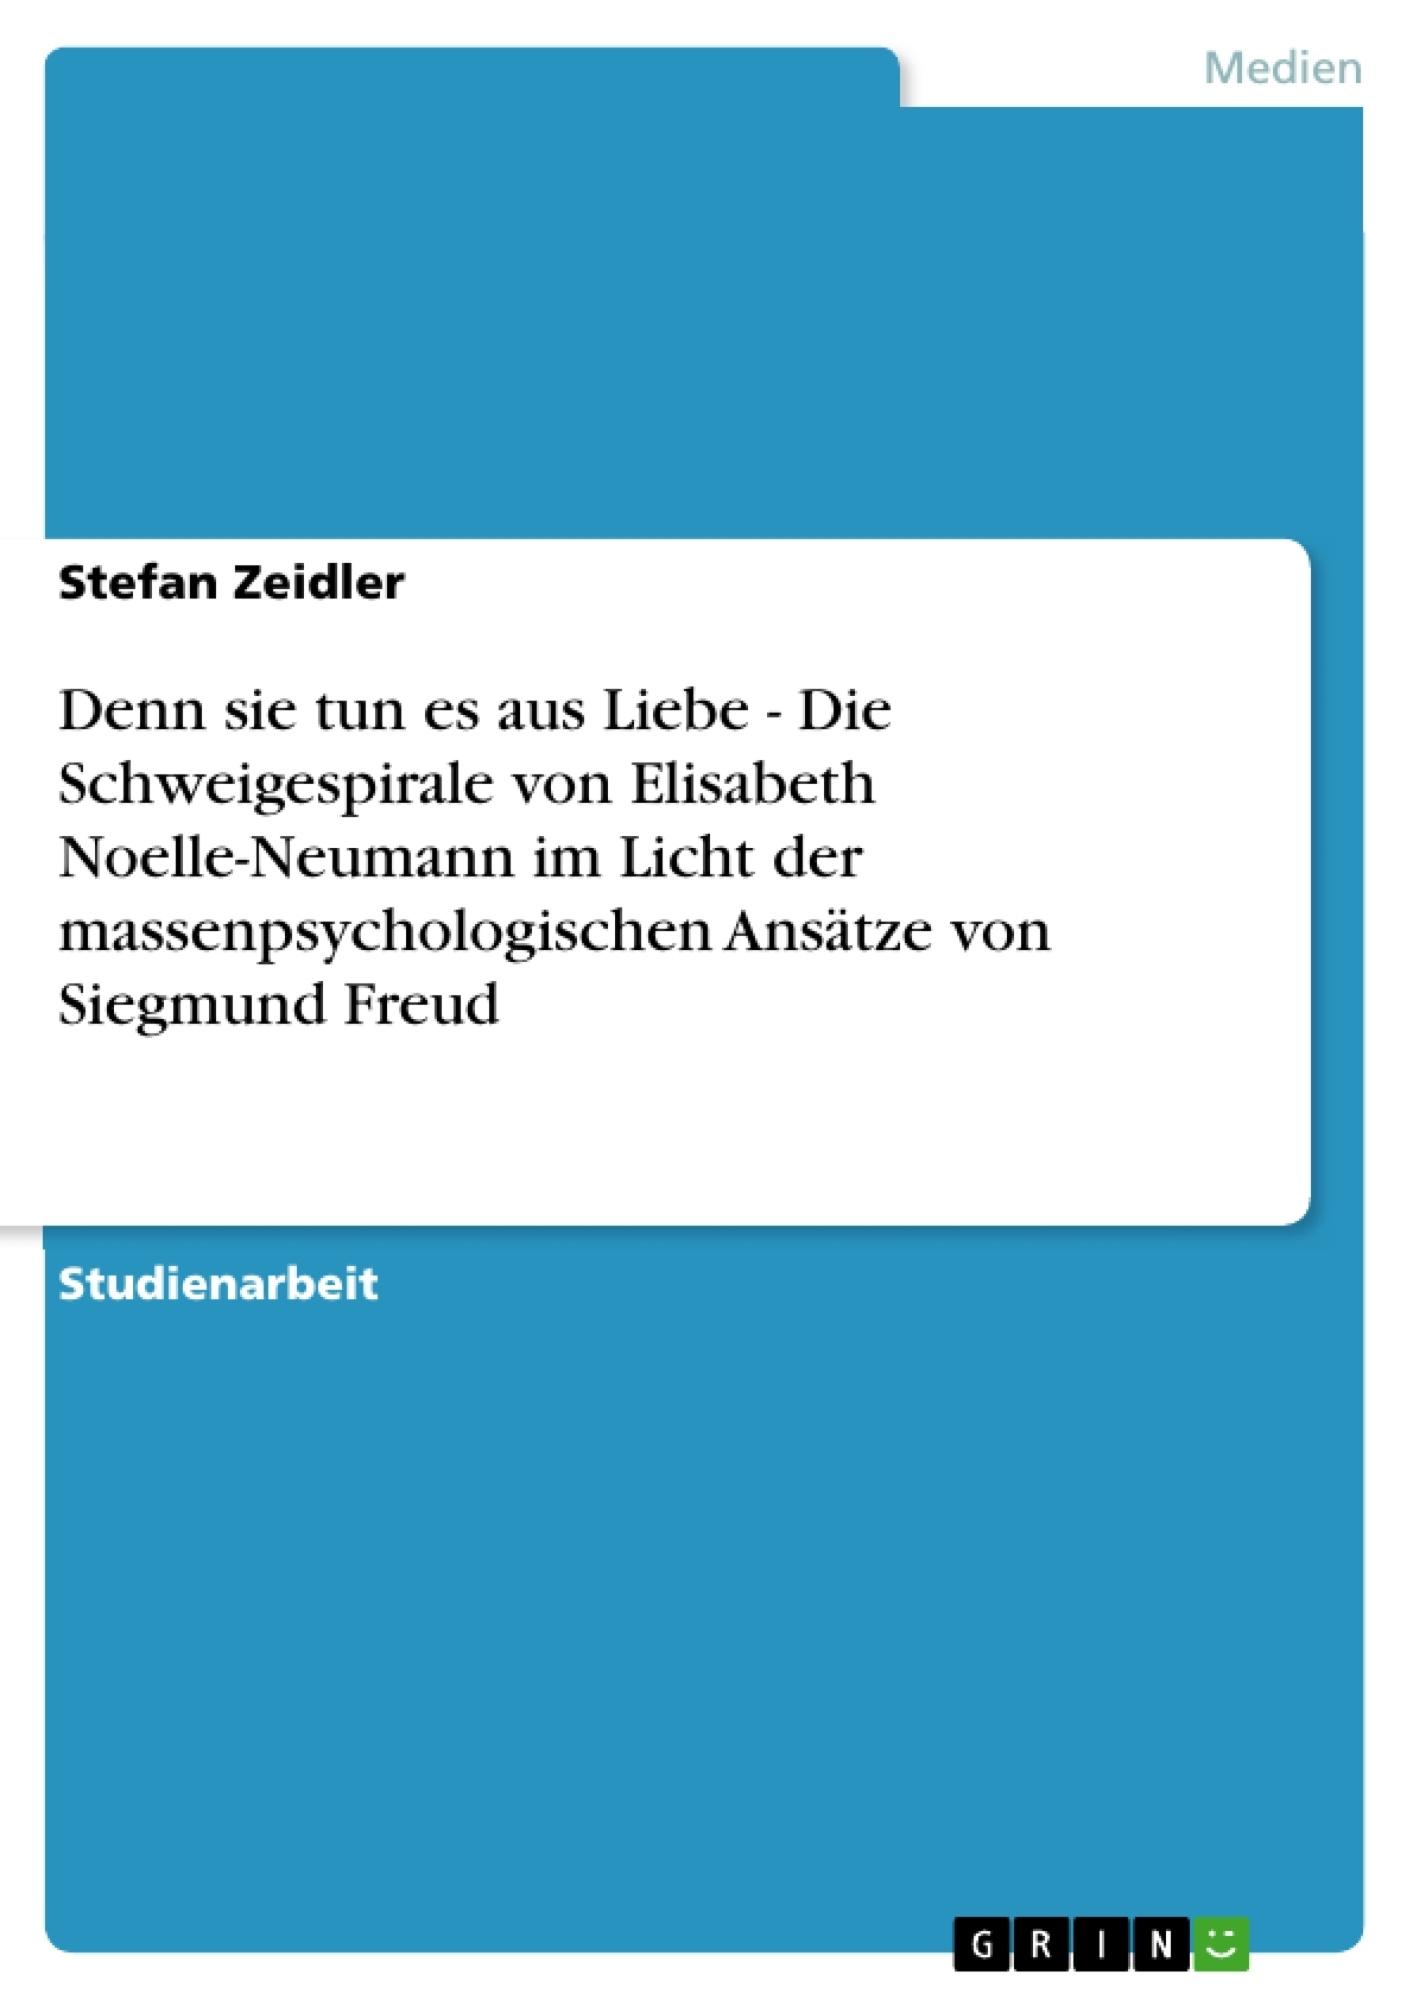 Titel: Denn sie tun es aus Liebe - Die Schweigespirale von Elisabeth Noelle-Neumann im Licht der massenpsychologischen Ansätze von Siegmund Freud